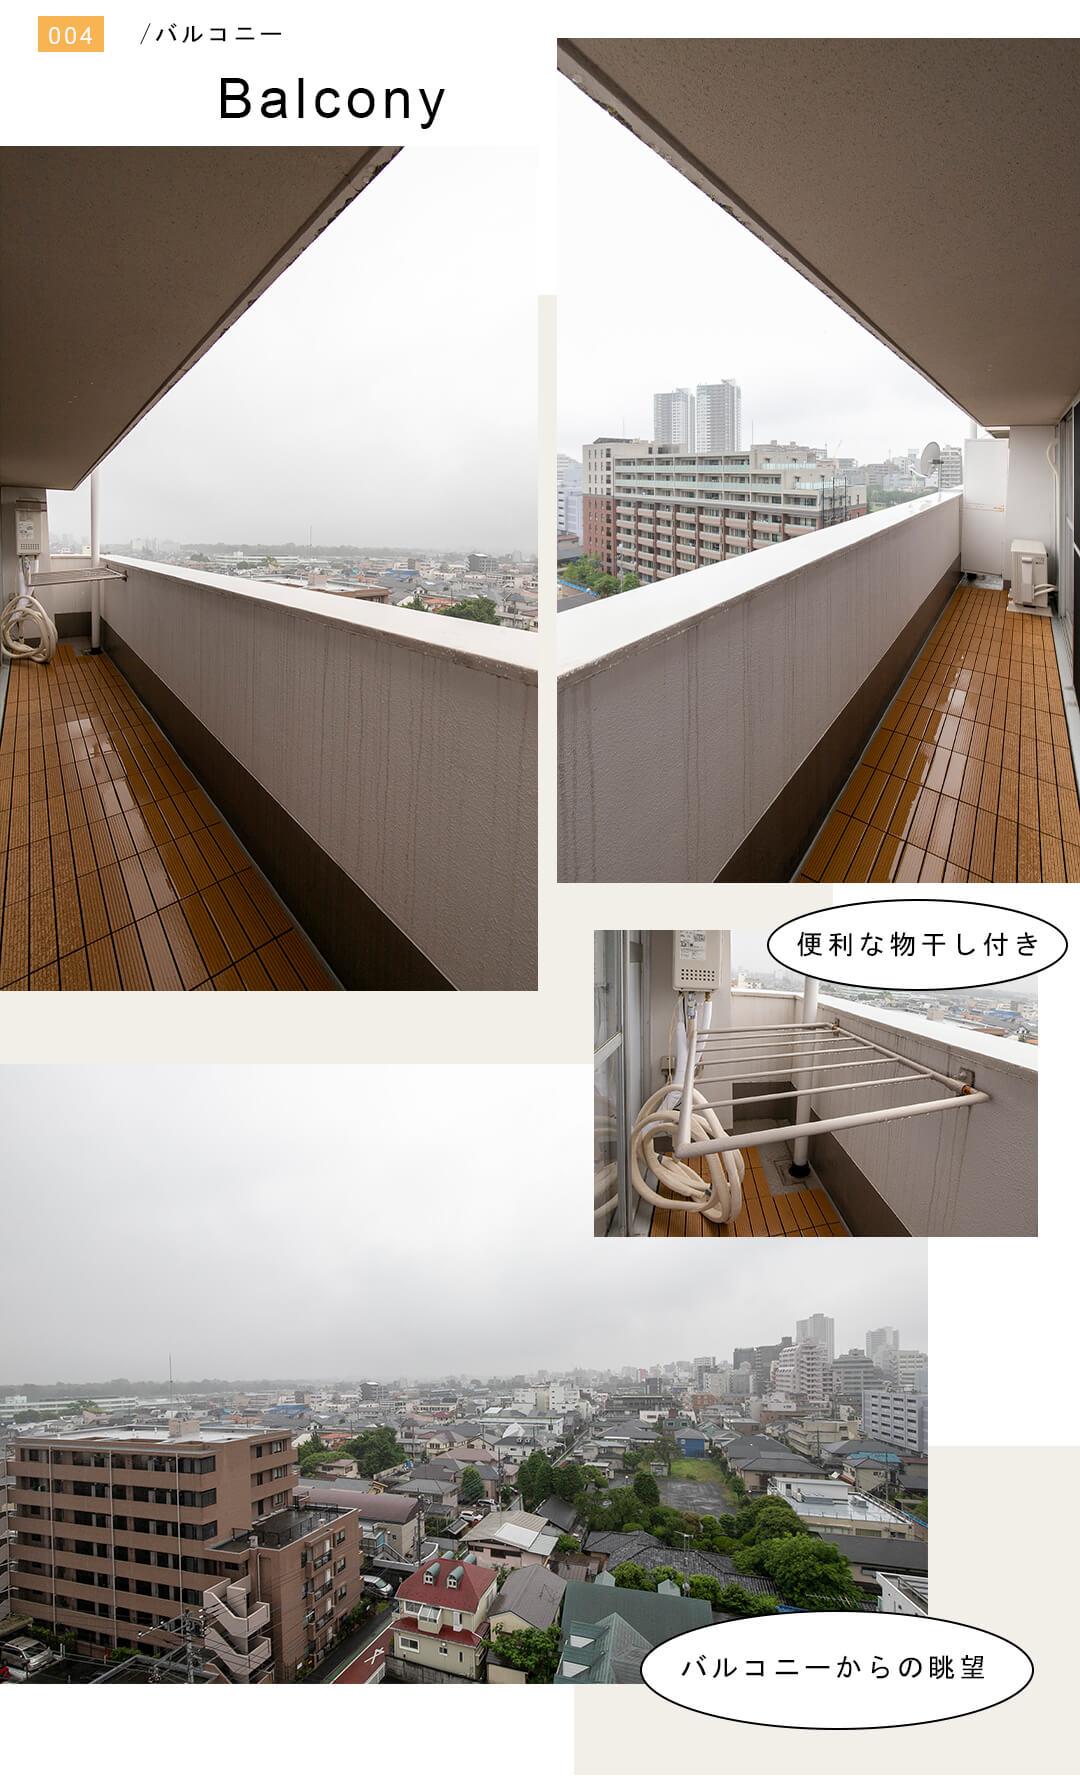 武蔵野サマリヤマンションのバルコニー